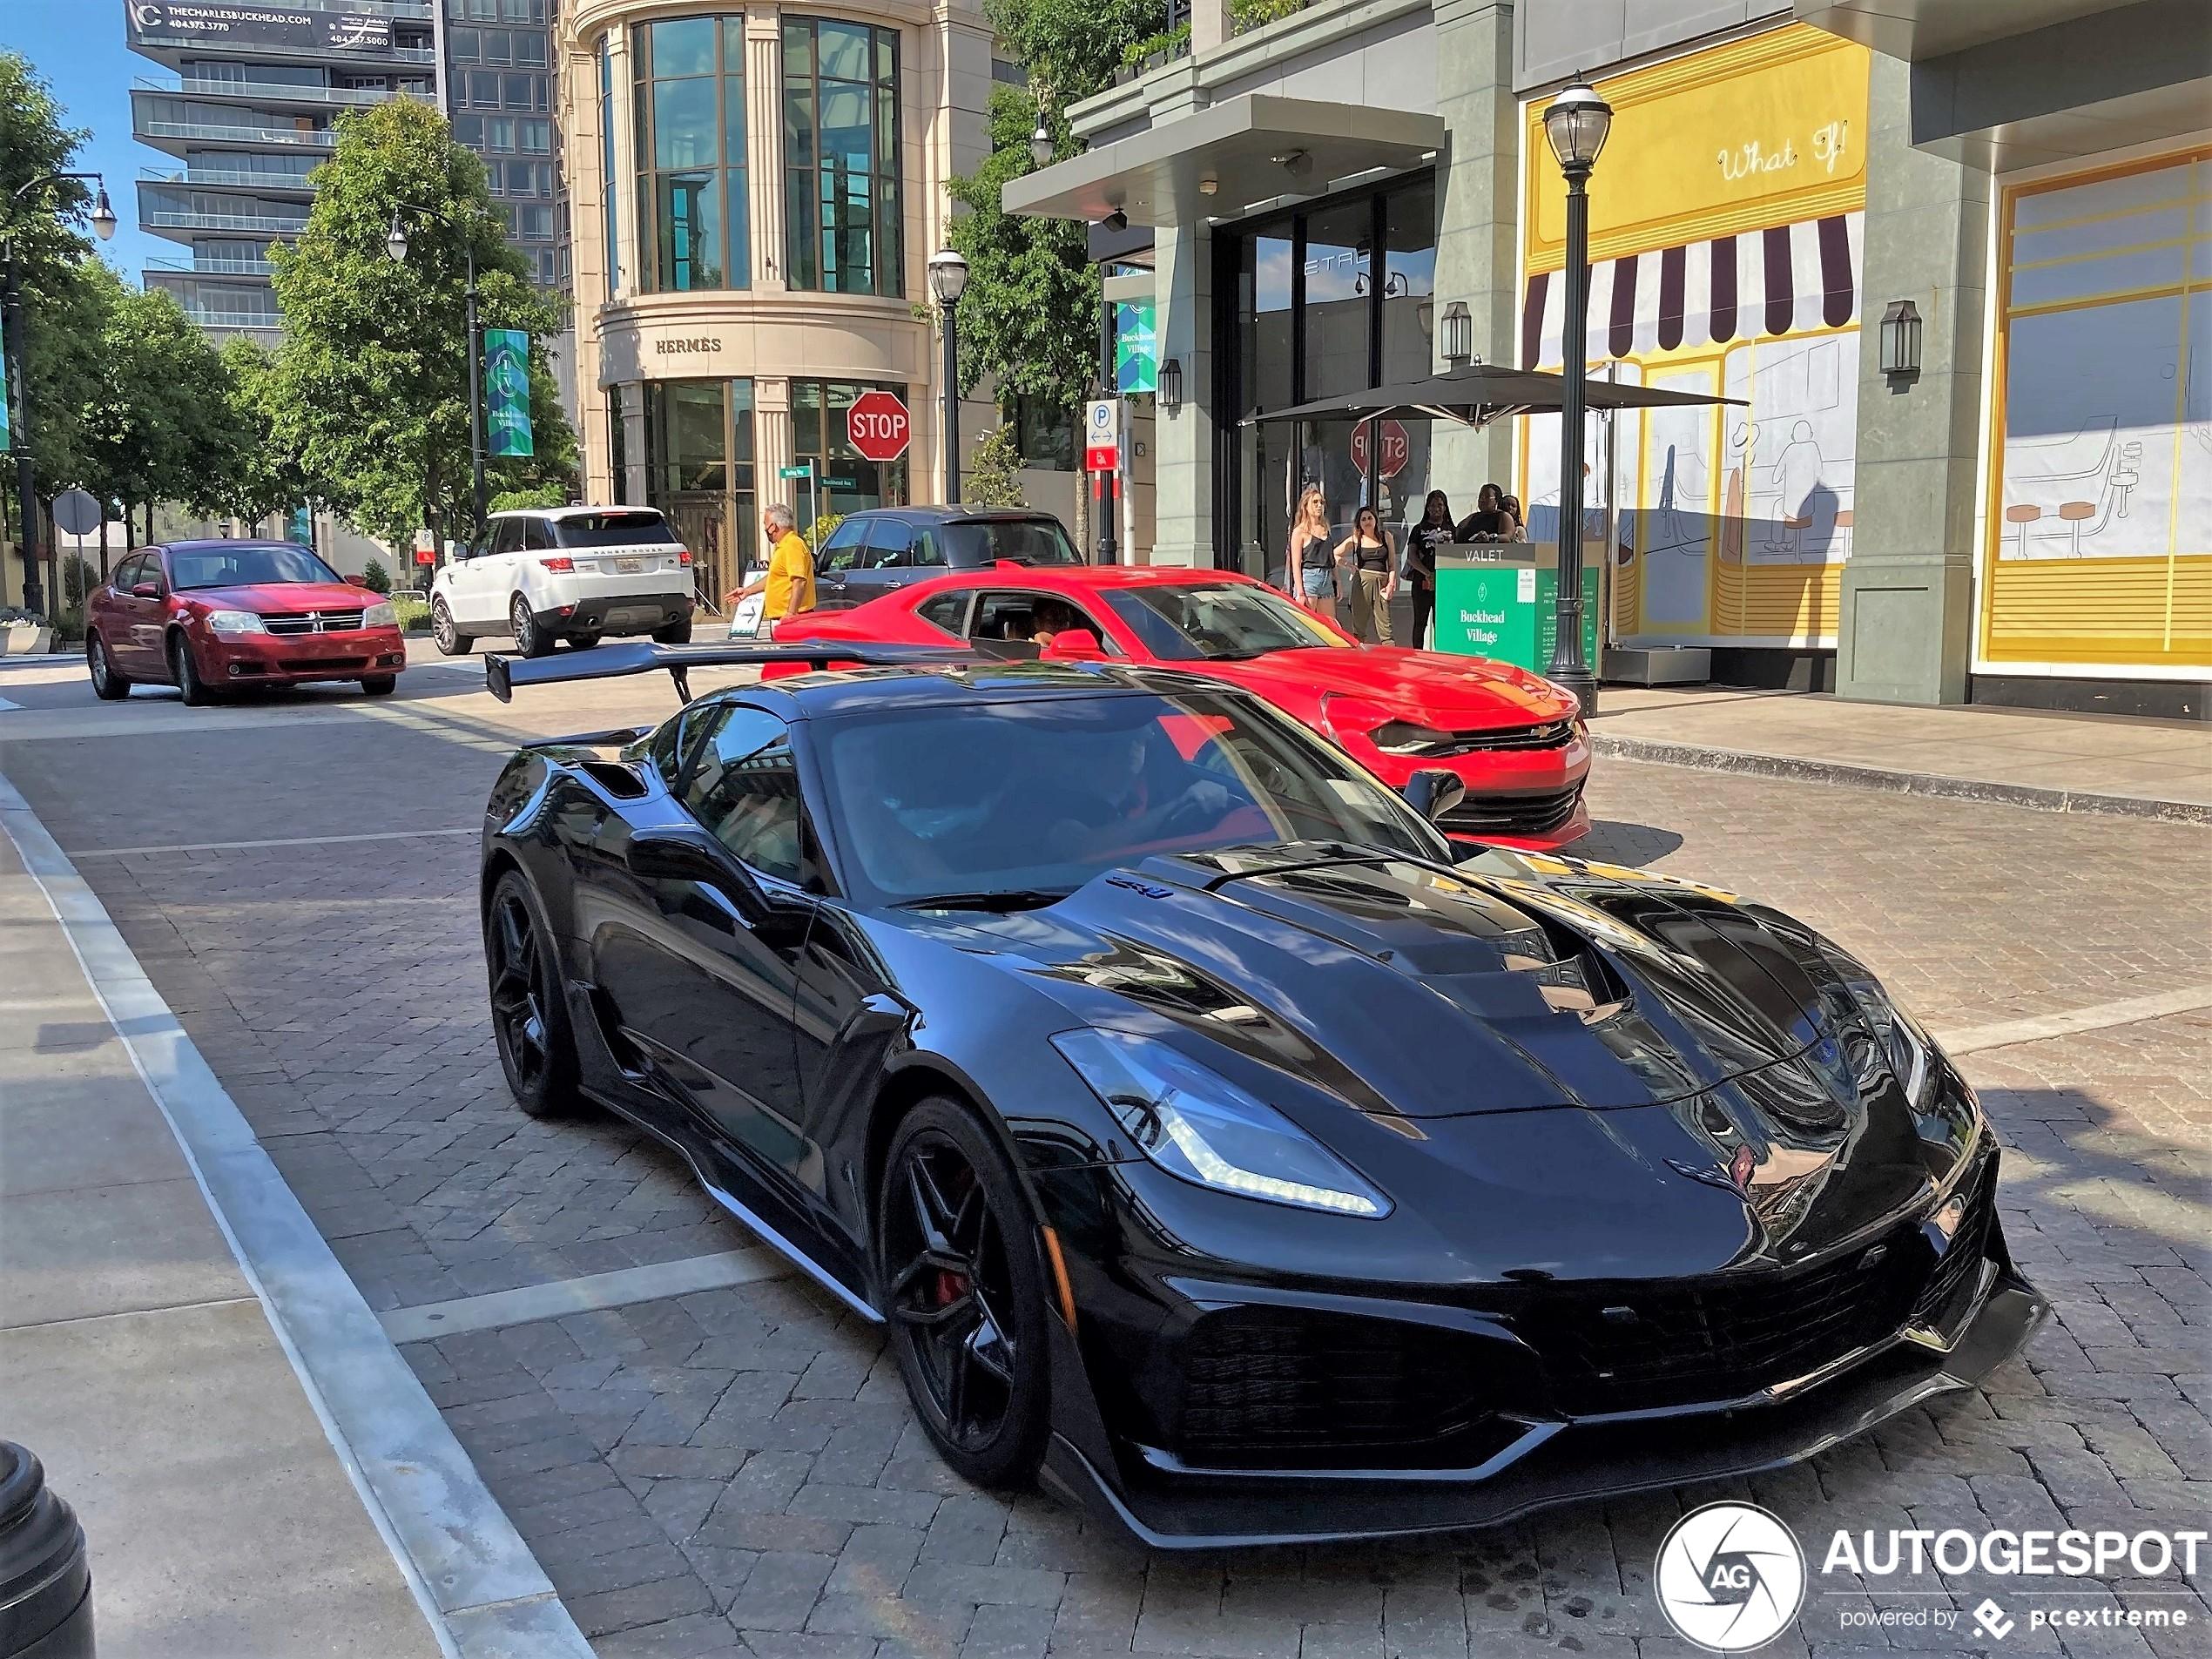 chevrolet corvette c7 zr1 - 24 june 2020 - autogespot